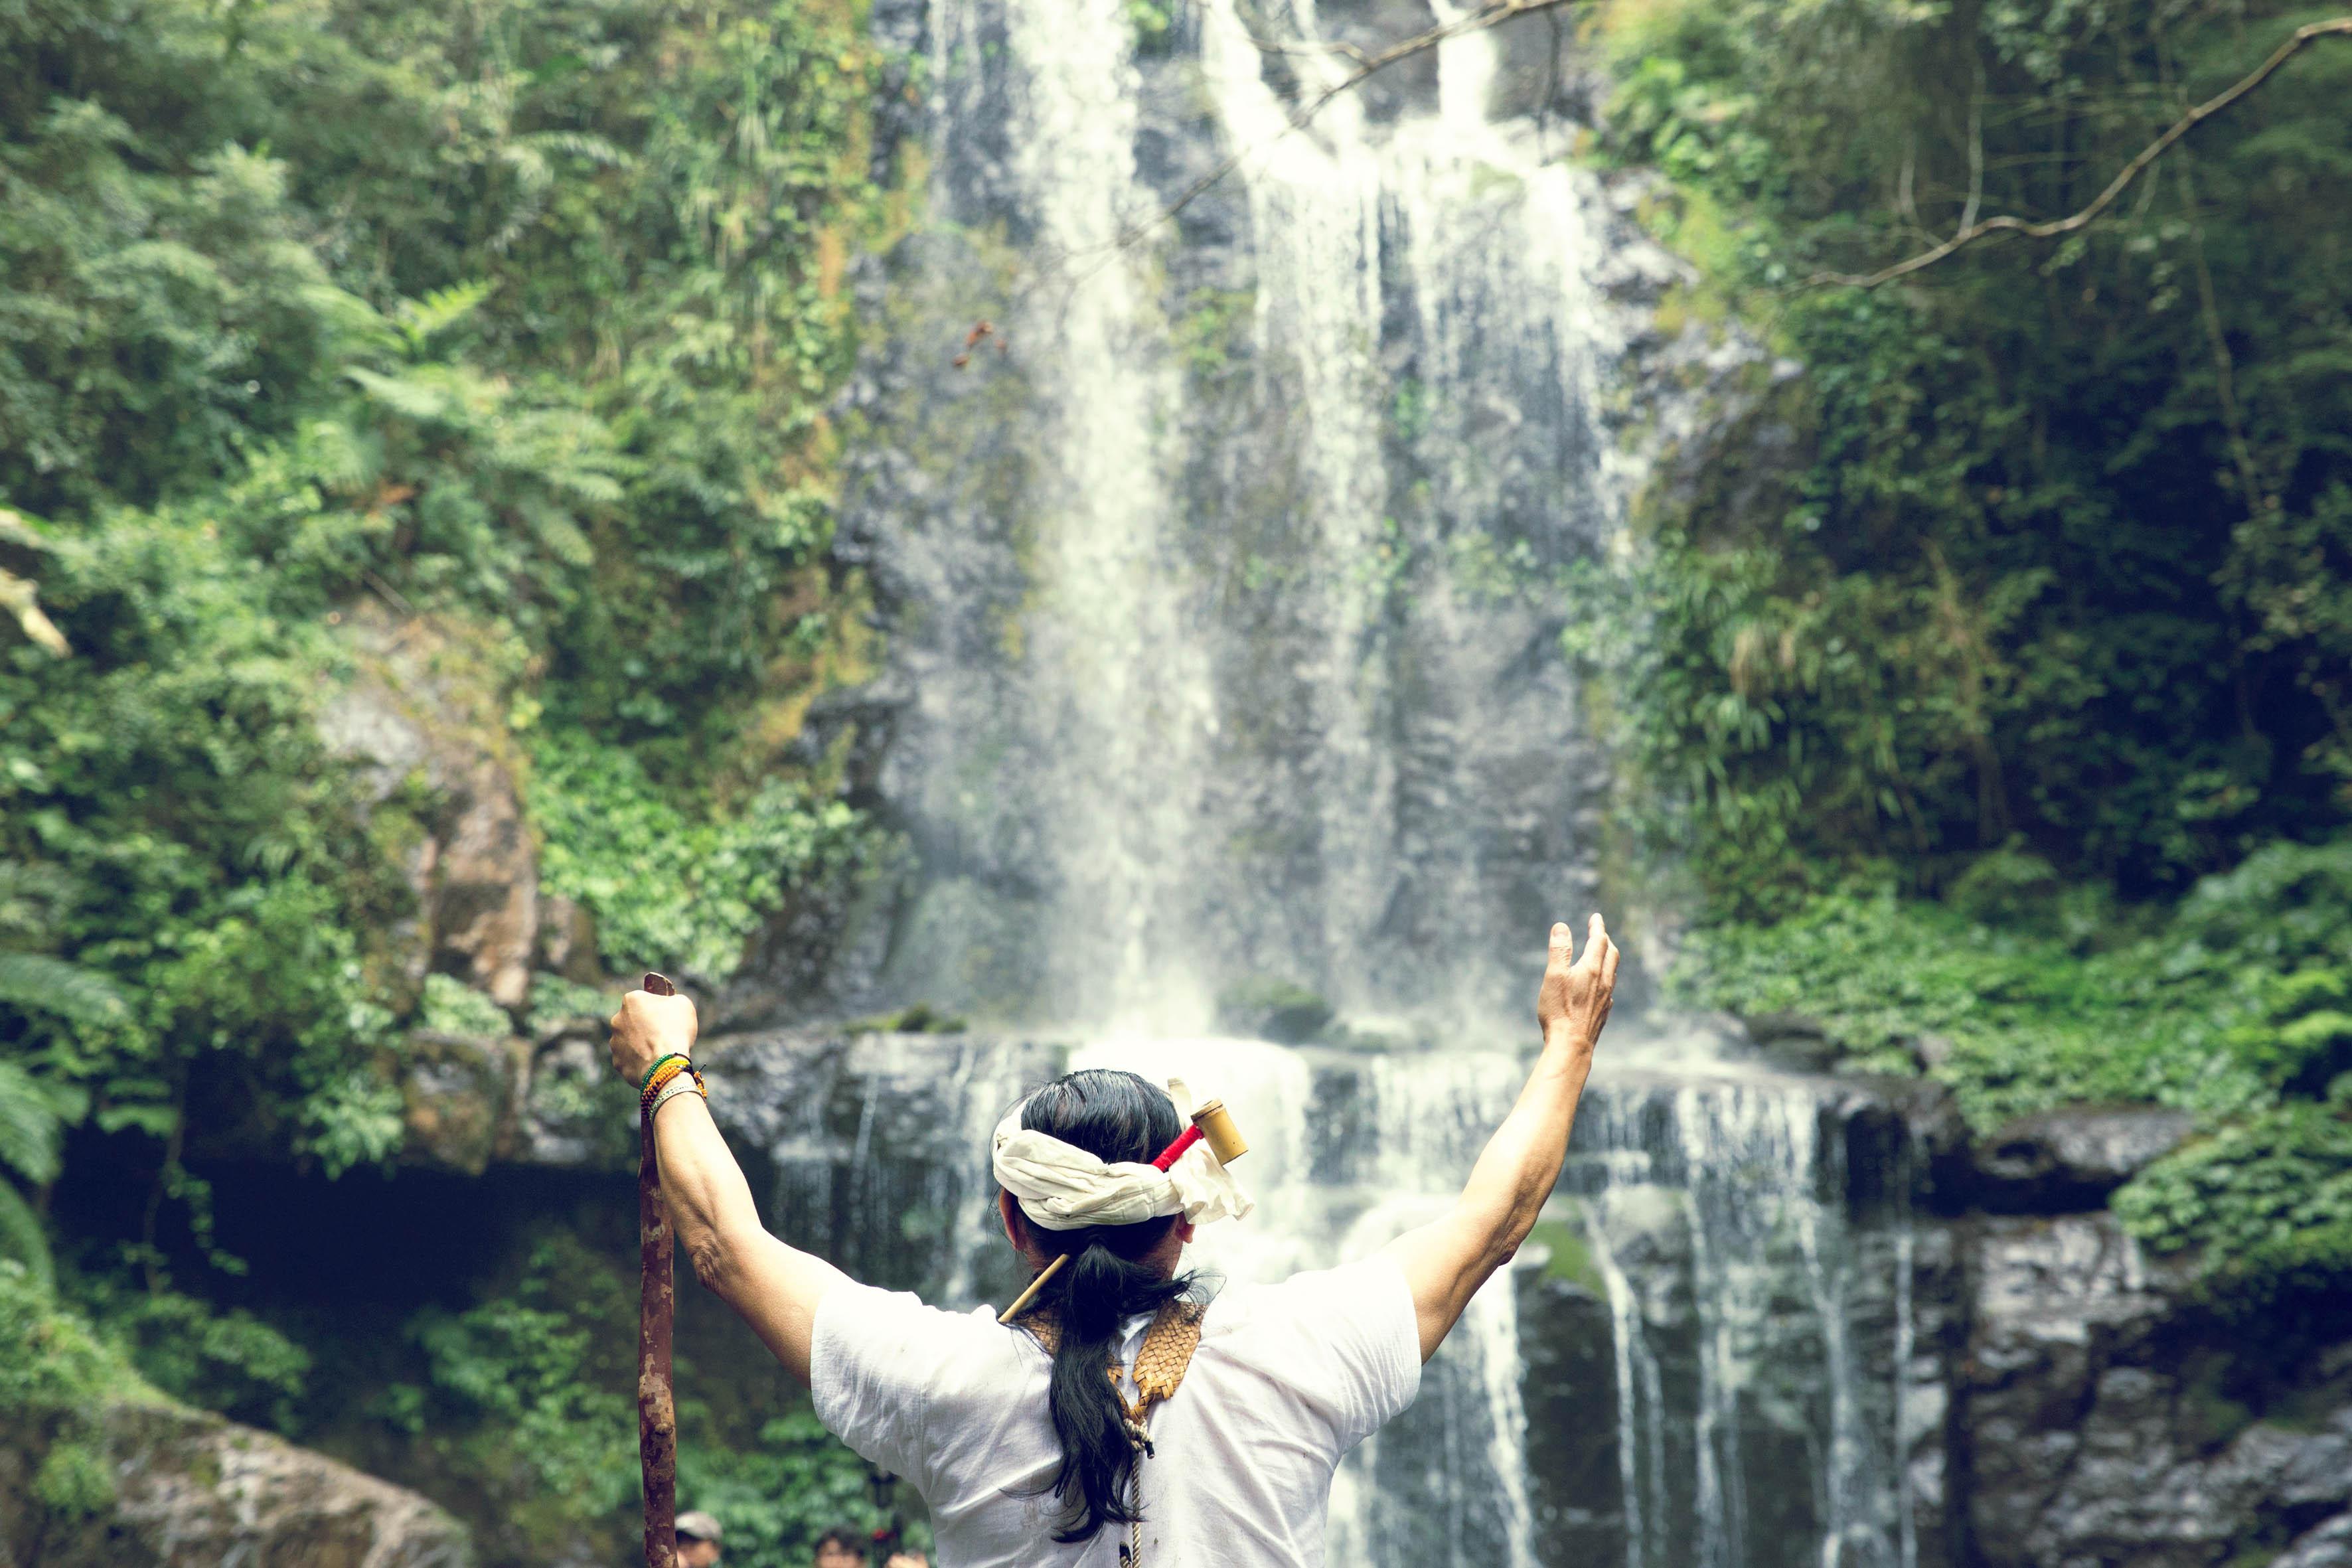 台灣VR影片國際矚目 坎城市場展吸引各國買家一探究竟 原住民音樂結合VR互動影片《Oli邊境》 驚艷各國影展選片人 Ezouao10